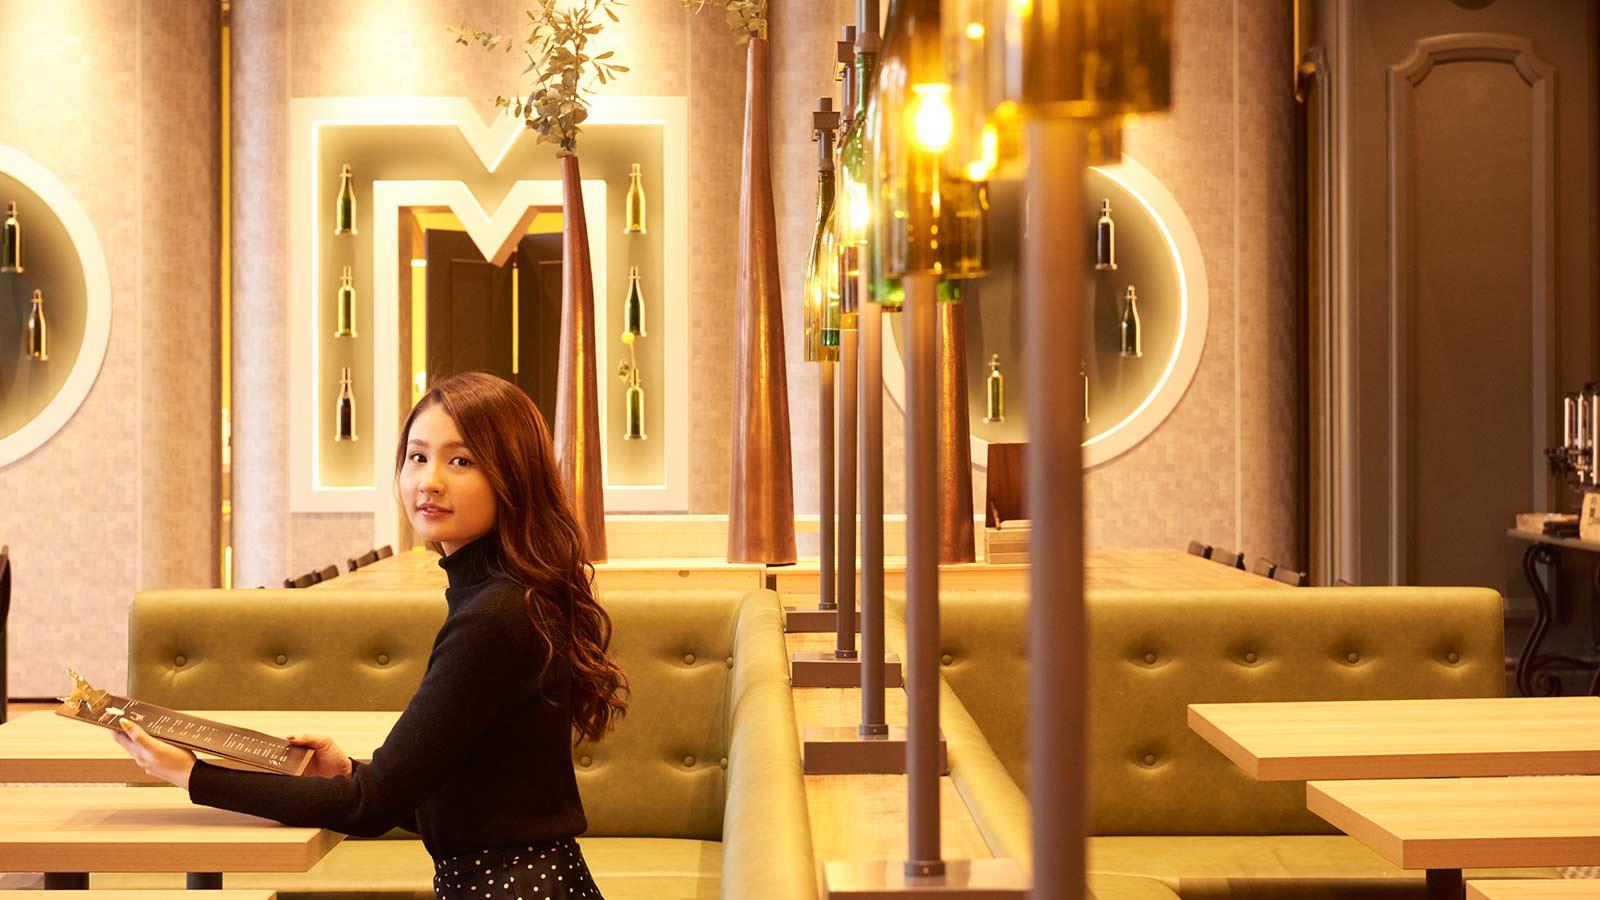 北海道旅行・ツアー(航空券+ホテル)初めての旭川女子旅は「星野リゾート OMO7 旭川」で盛り上げよう